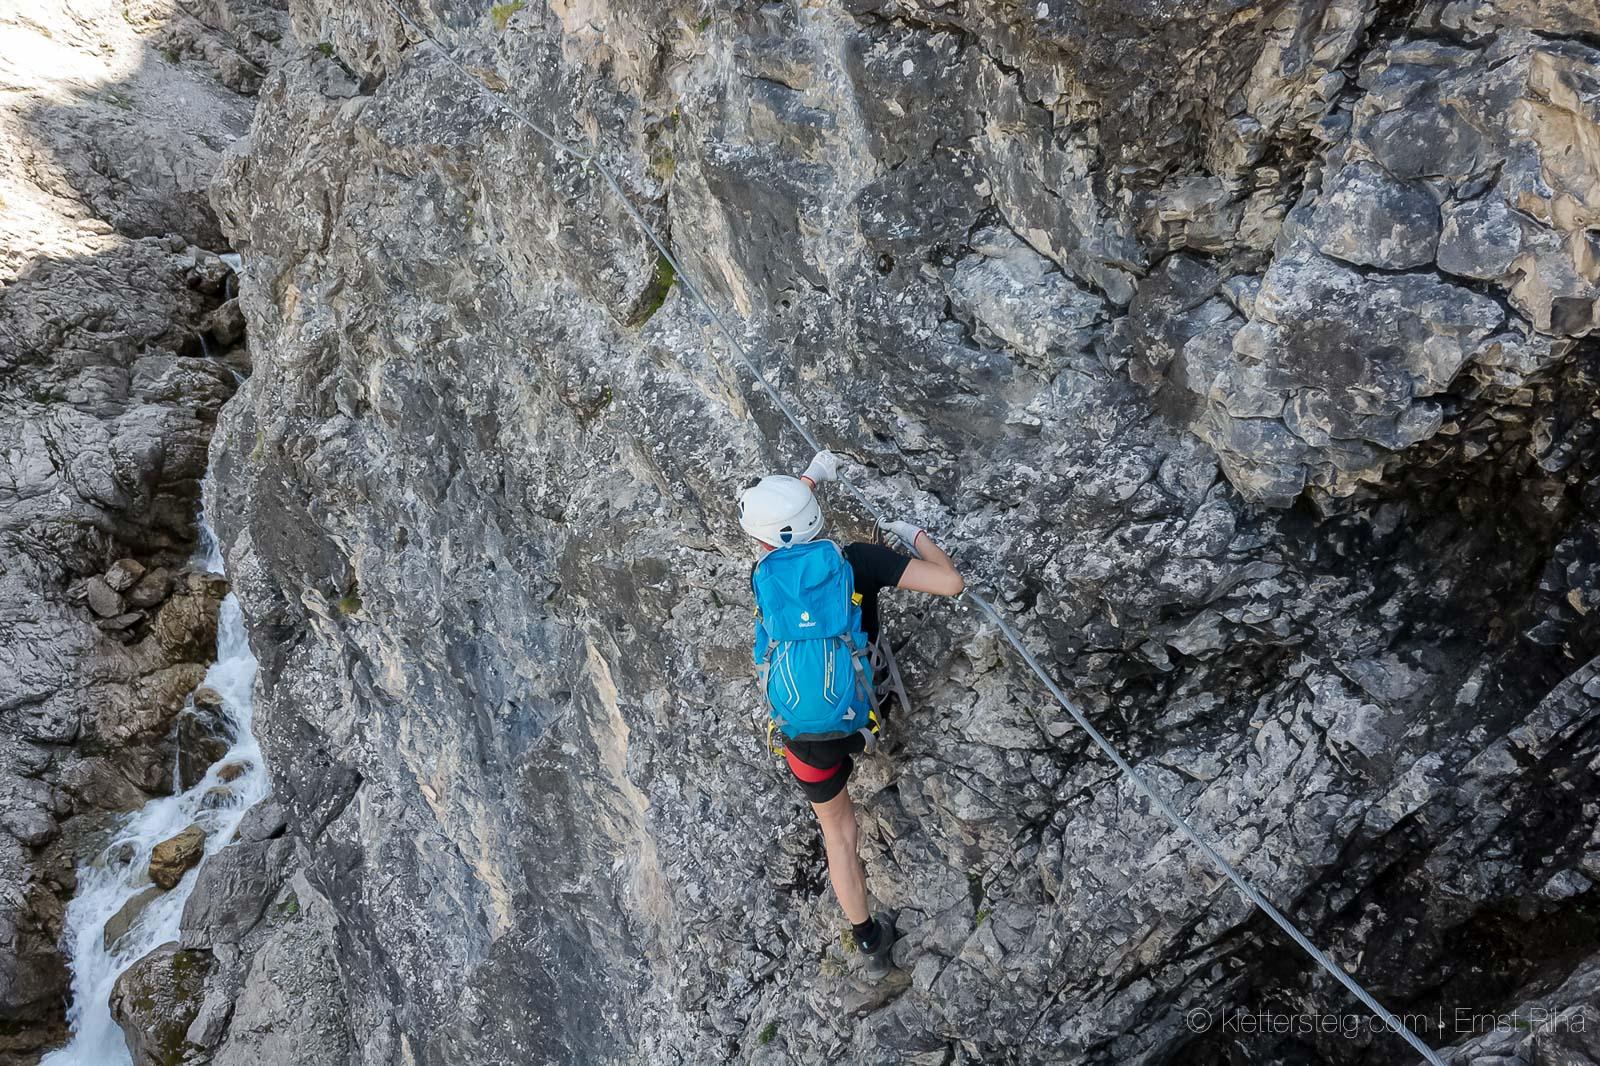 Hanauer Klettersteig